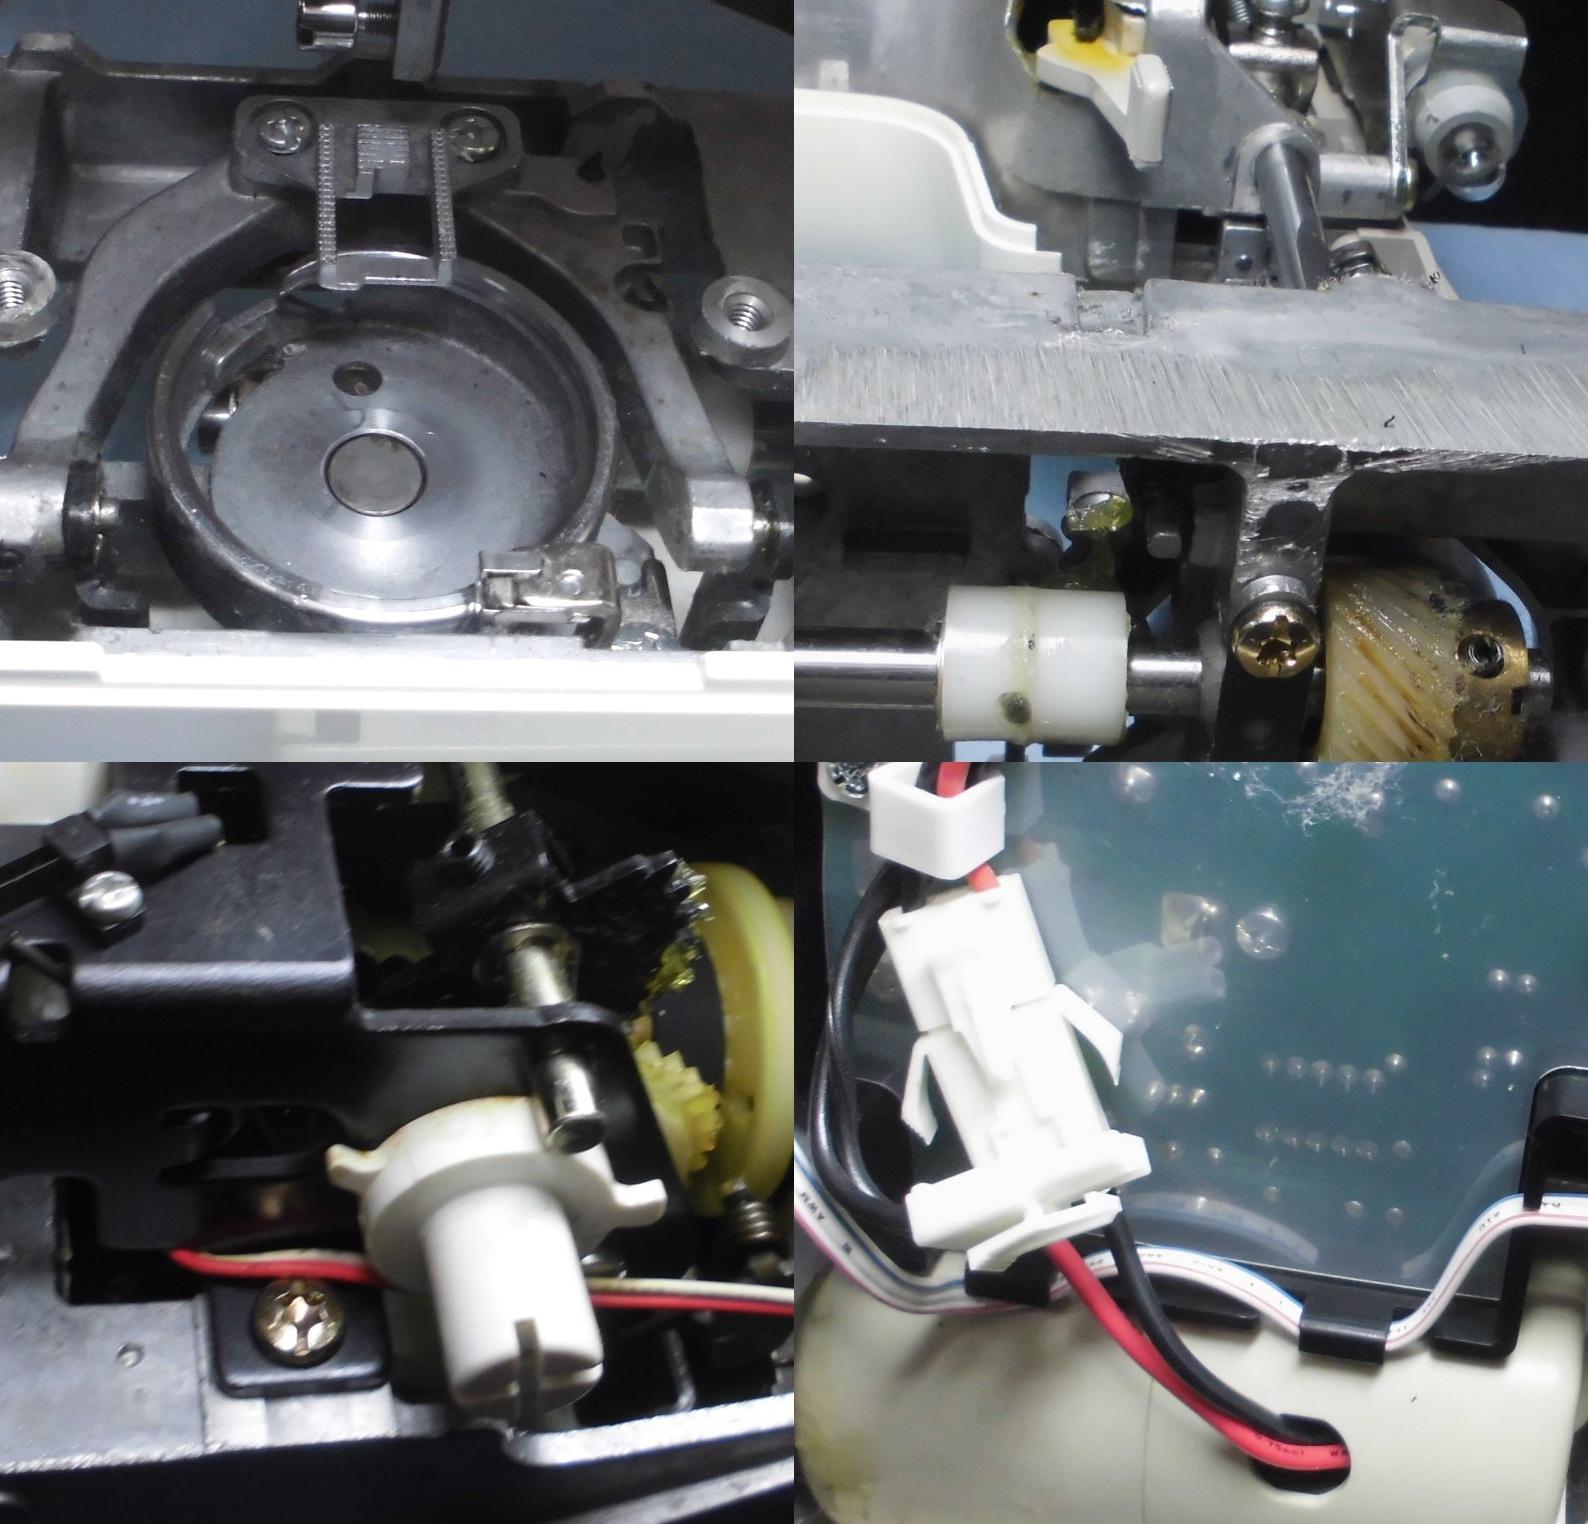 TEDDY900の分解オーバーホールメンテナンス修理 ZZ3-B544 ブラザーミシン修理